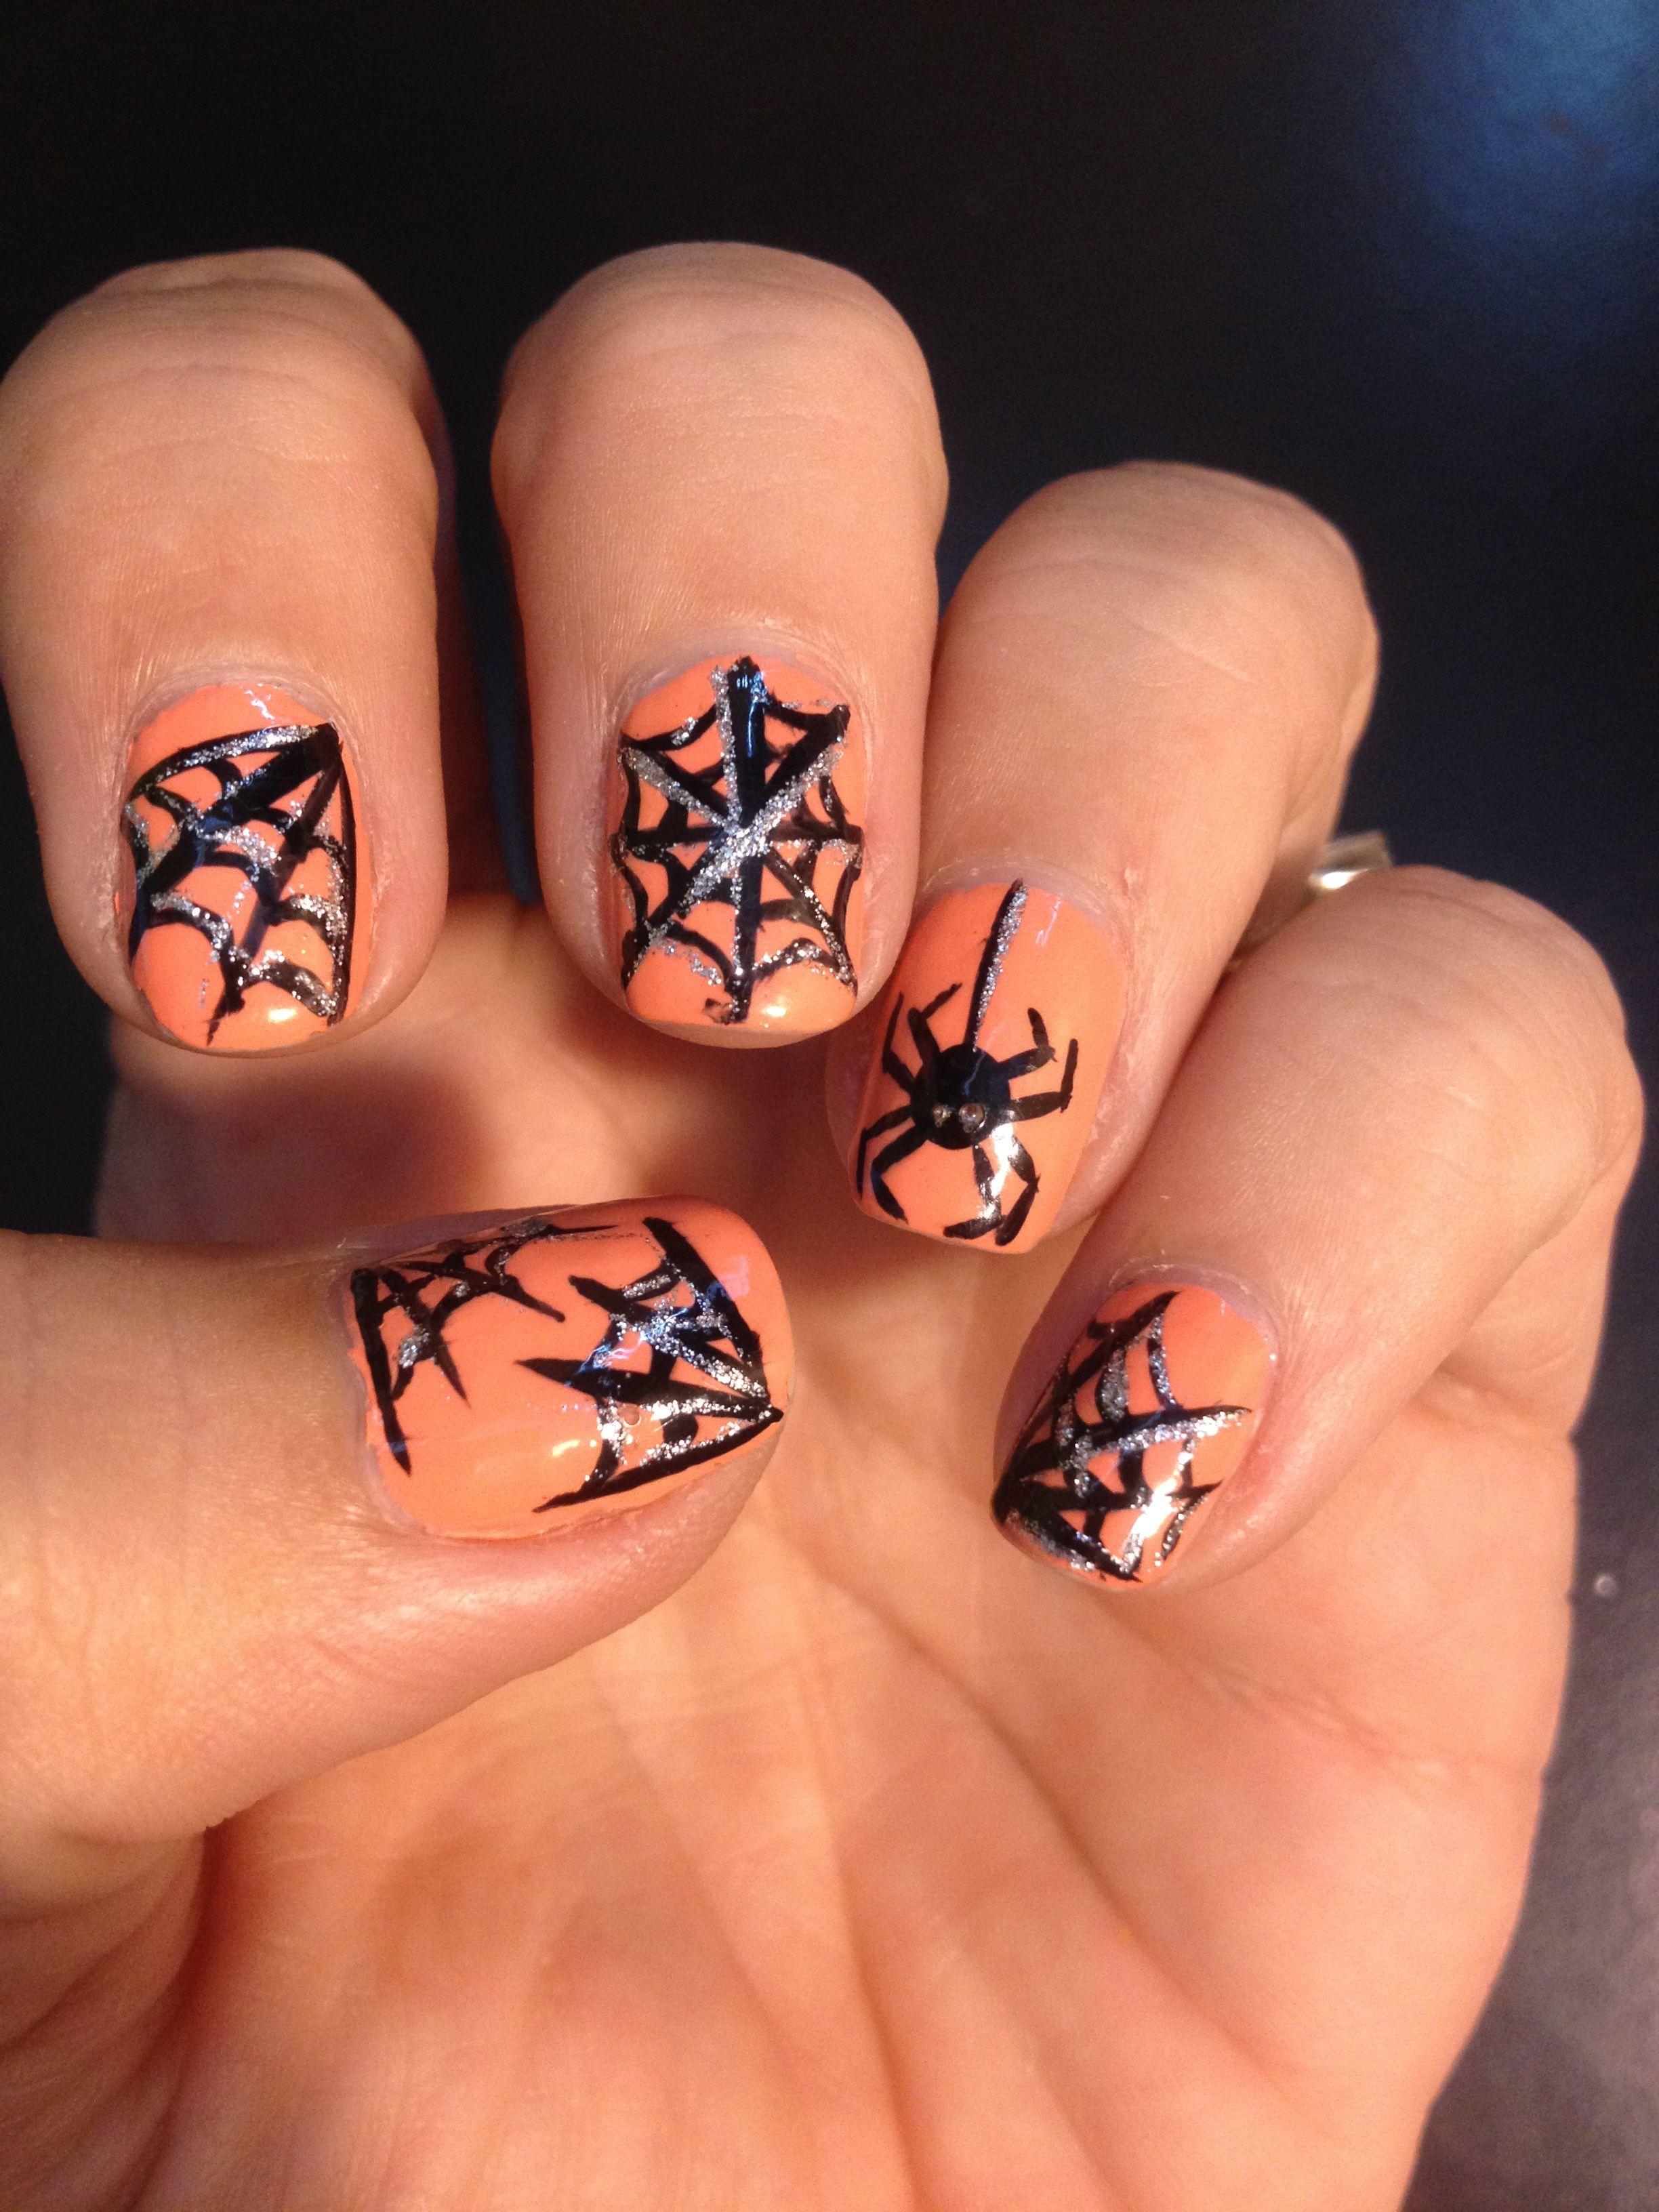 Spooky Halloween Nails Orange Acrylic Nails Halloween Nails Halloween Acrylic Nails